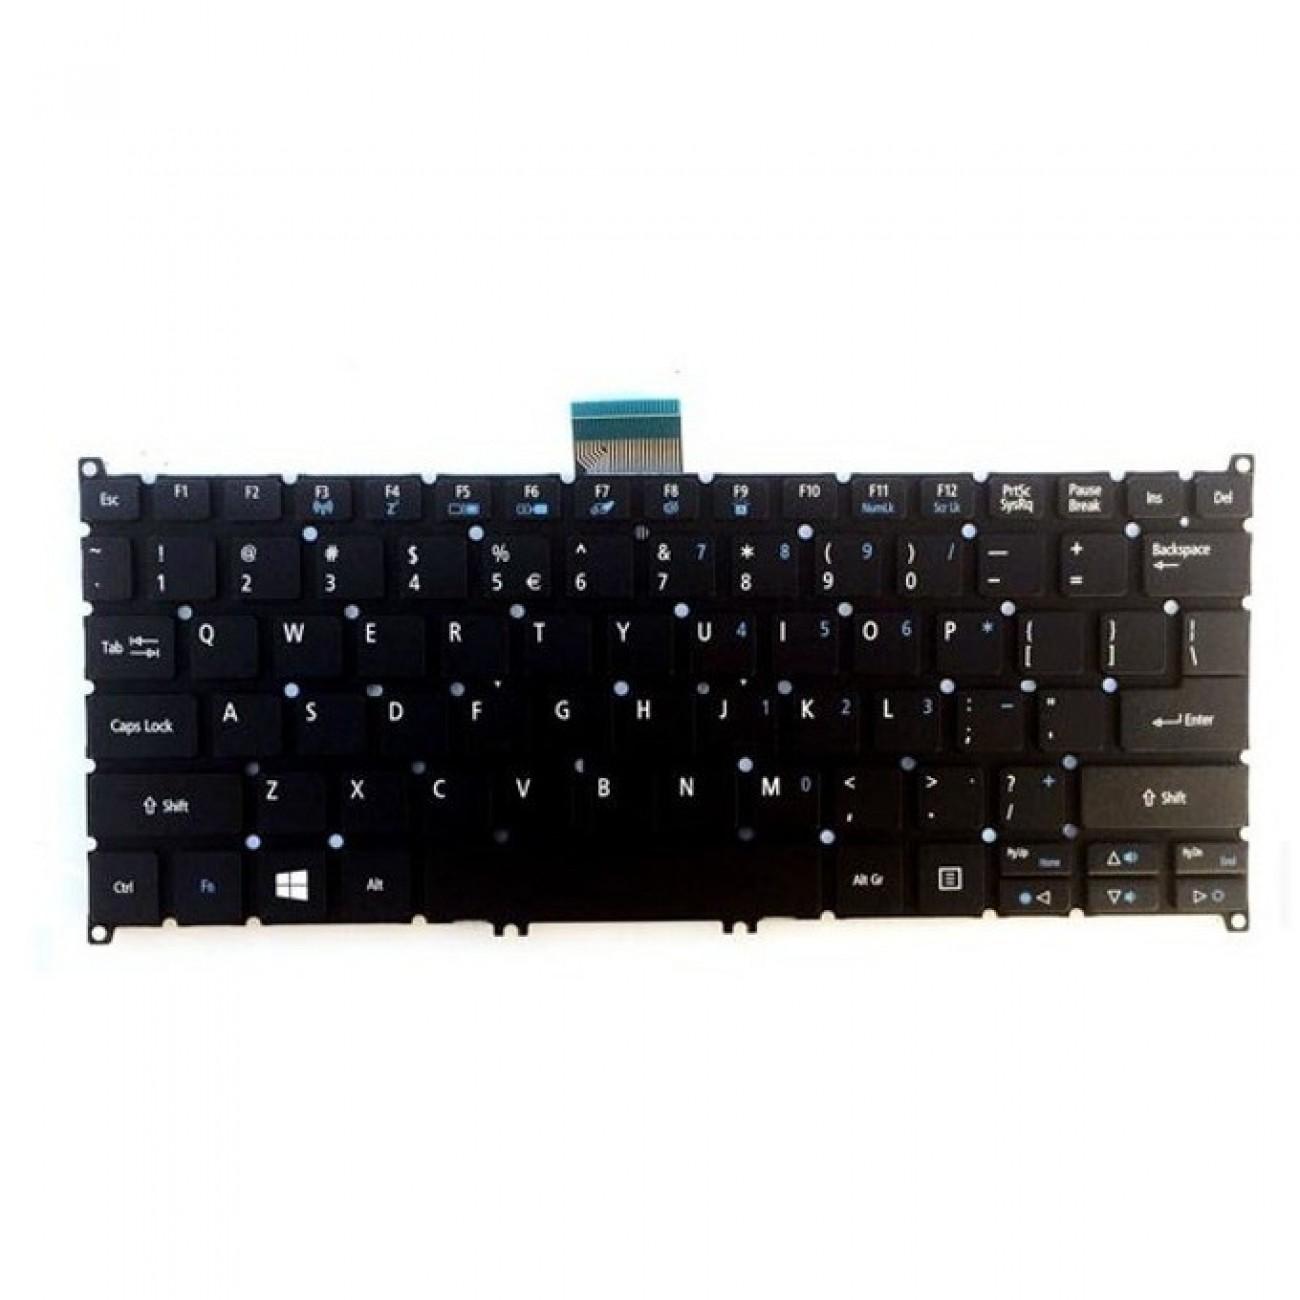 Клавиатура за лаптоп Acer, съвместима със серия Aspire V5-122P, без рамка, черна, US/UK в Резервни части -  | Alleop